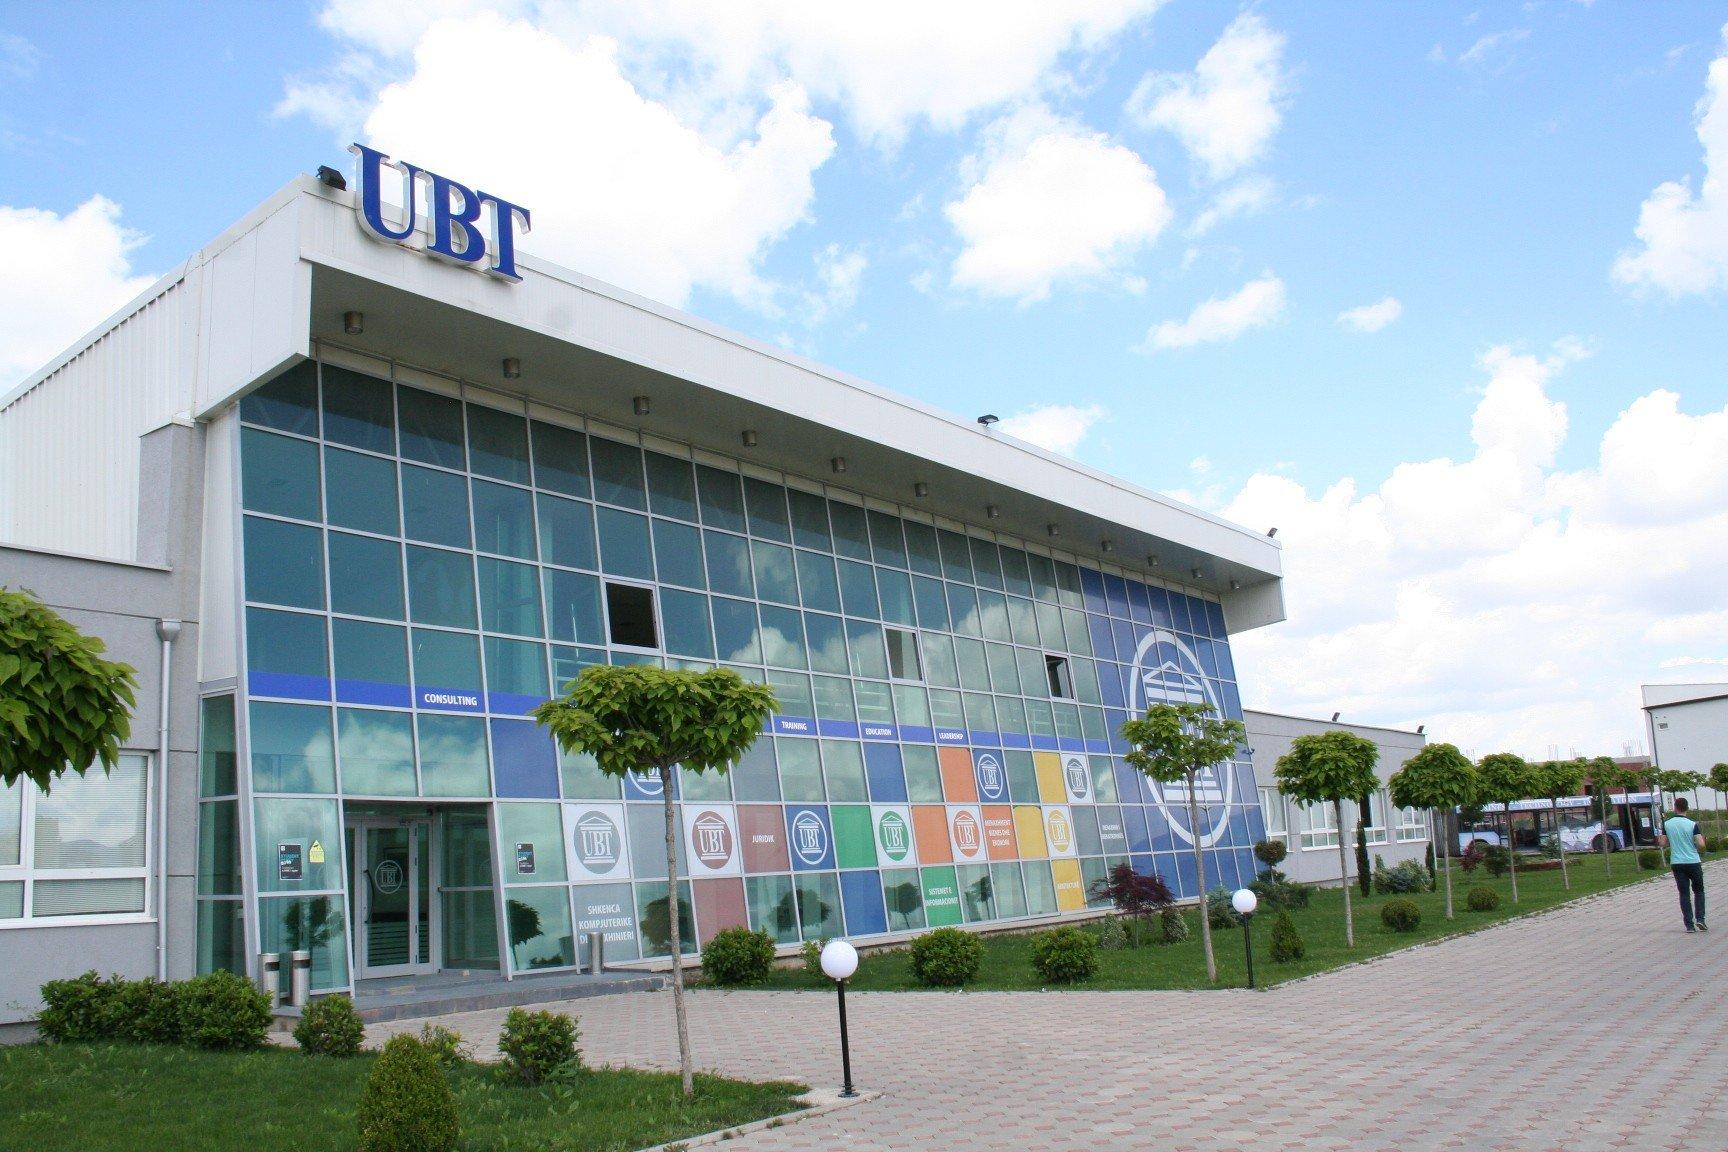 UBT–ja shton hapësirë dhe infrastrukturë moderne për studentët